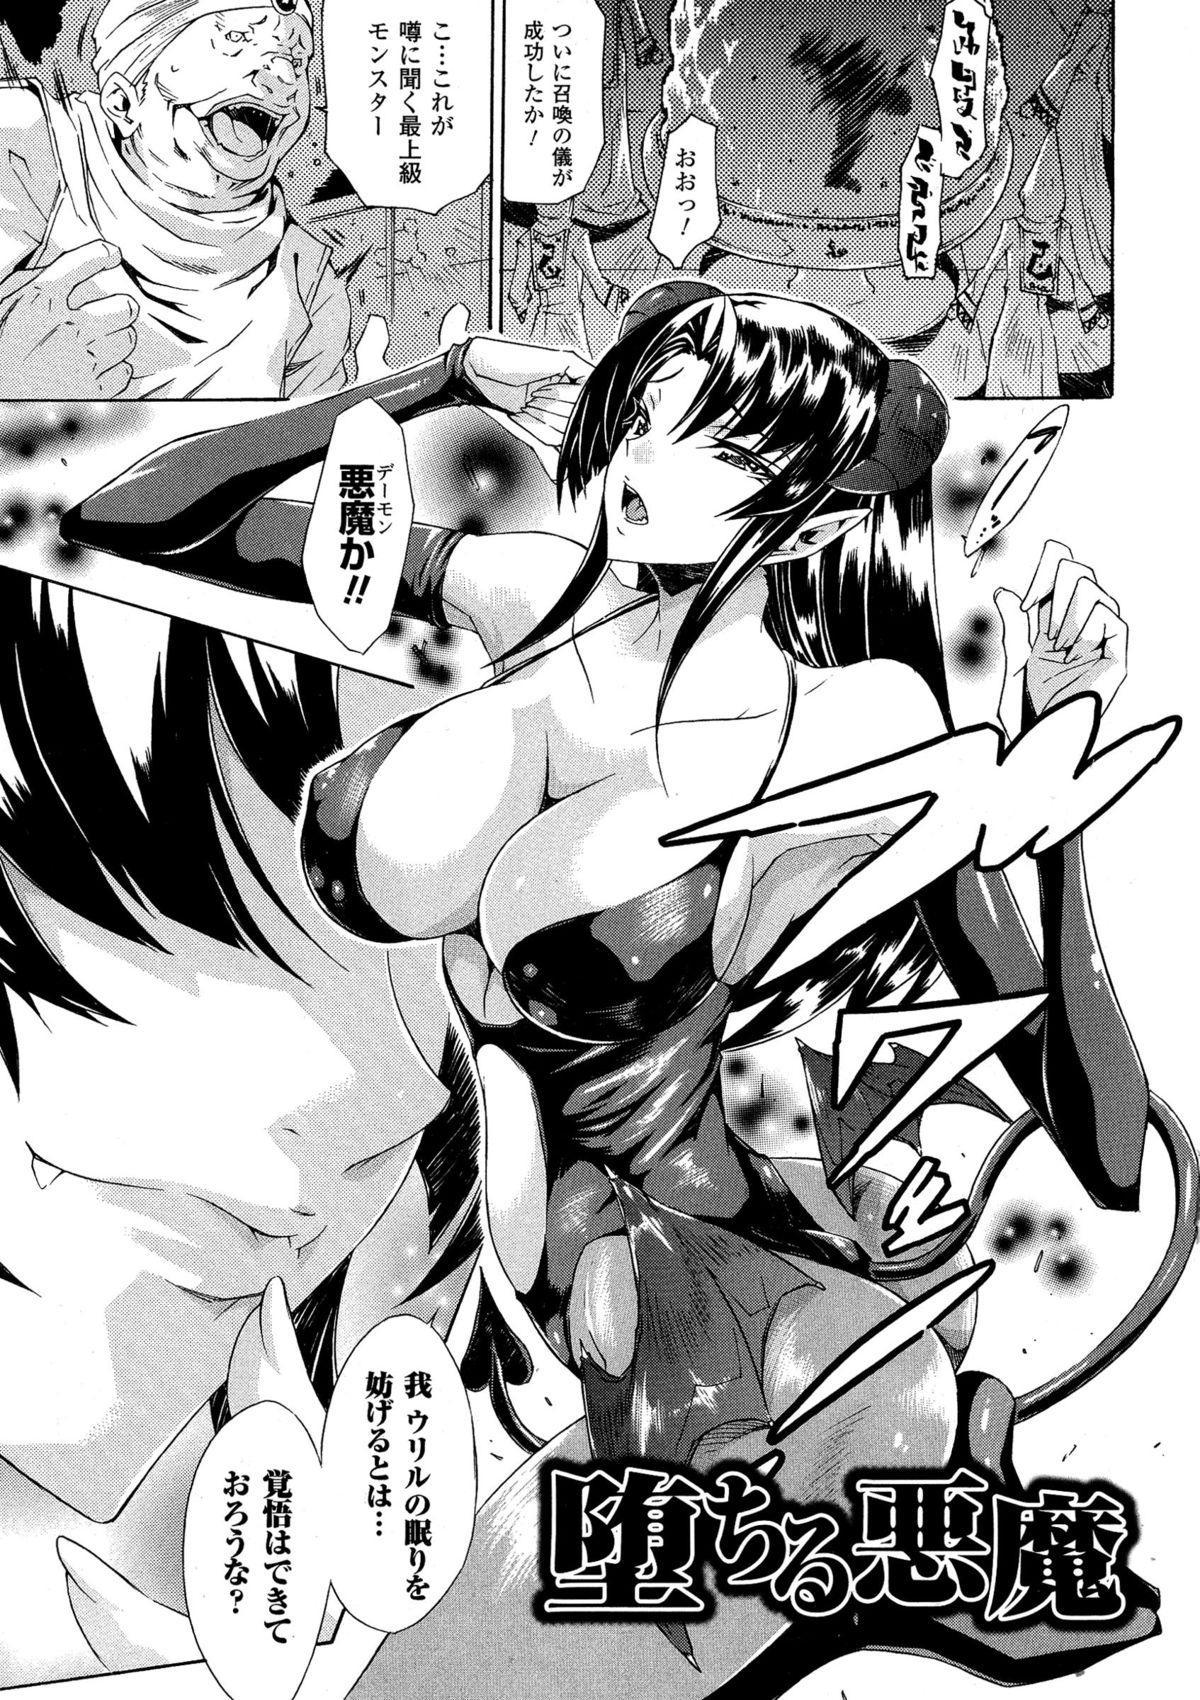 Kachiki na Onna ga Buzama na Ahegao o Sarasu made 82